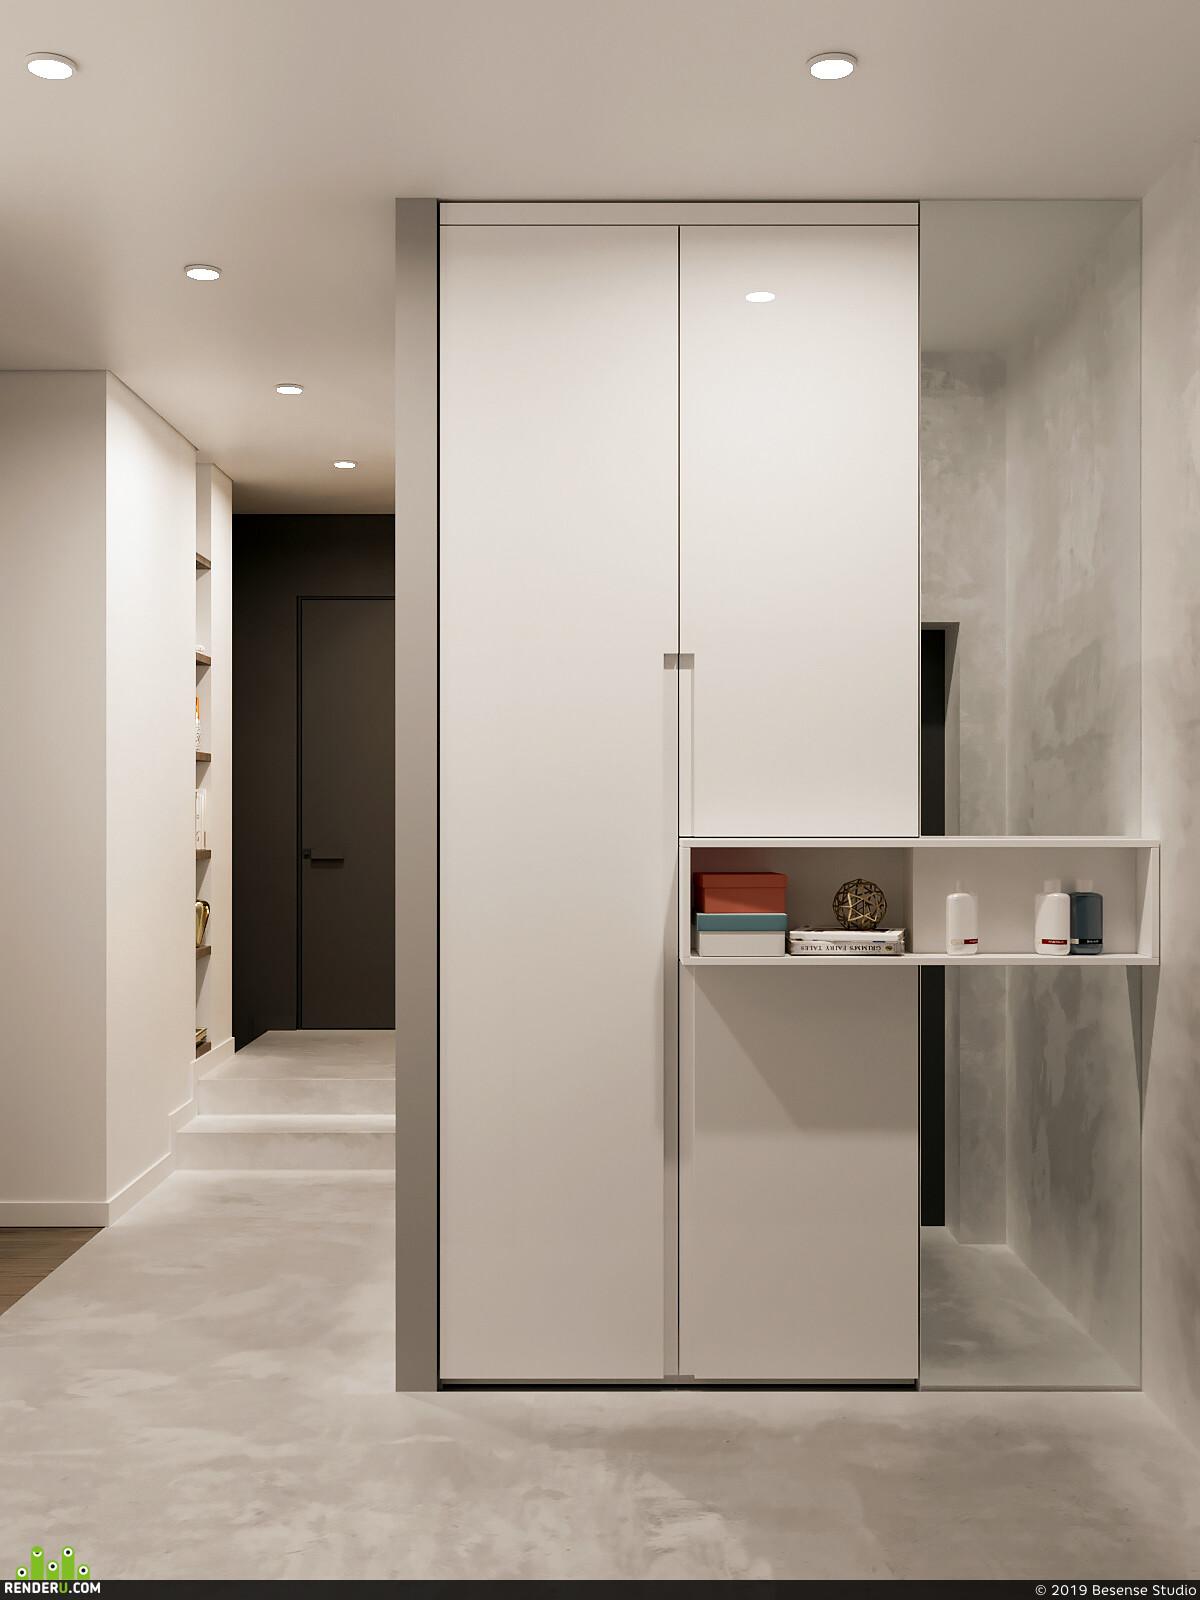 besense, Квартира, Спальня, кухня, кухня-гостиная, детская комната, санузел, душевая кабина, Ванная, лестница